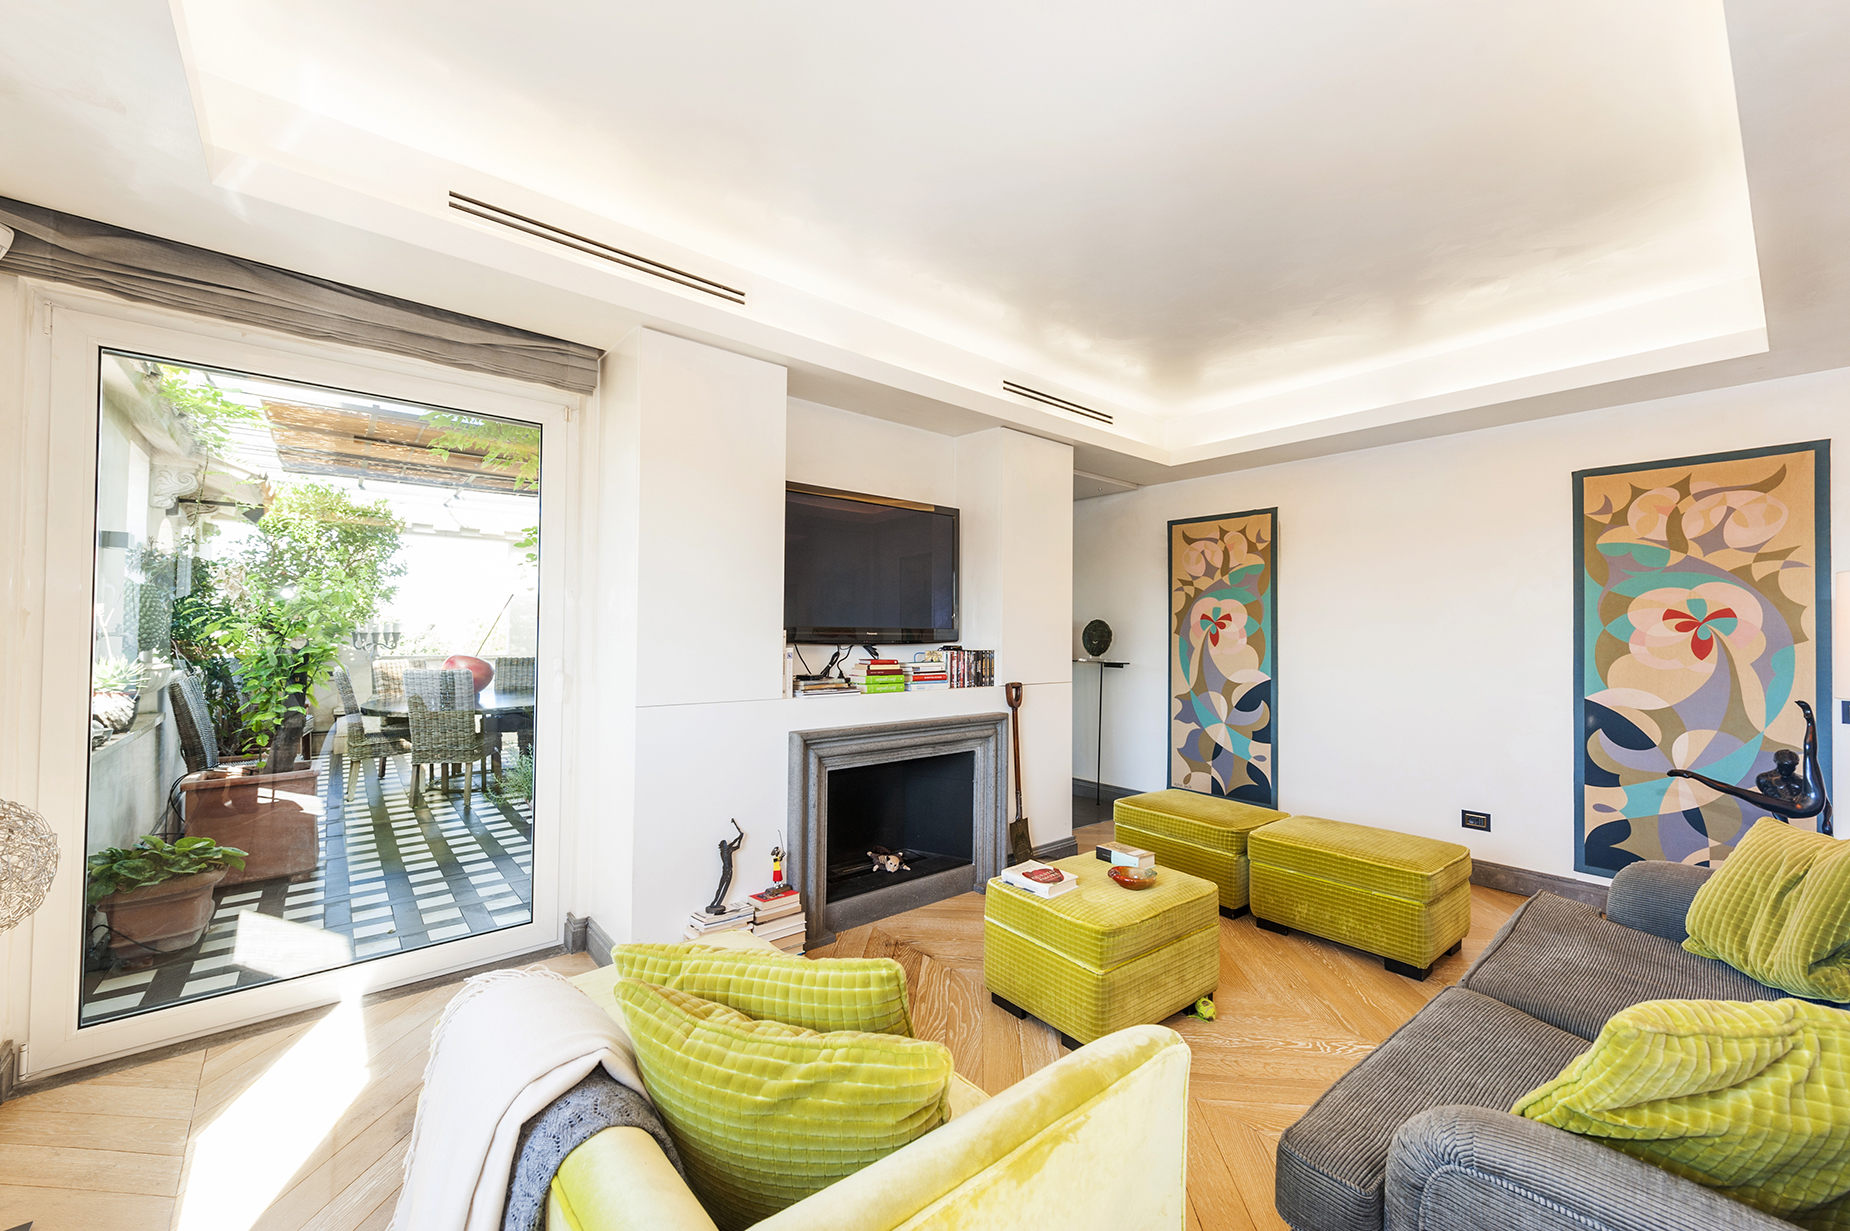 Appartamento di lusso in vendita a roma via ludovisi - Appartamento in vendita citta giardino roma ...